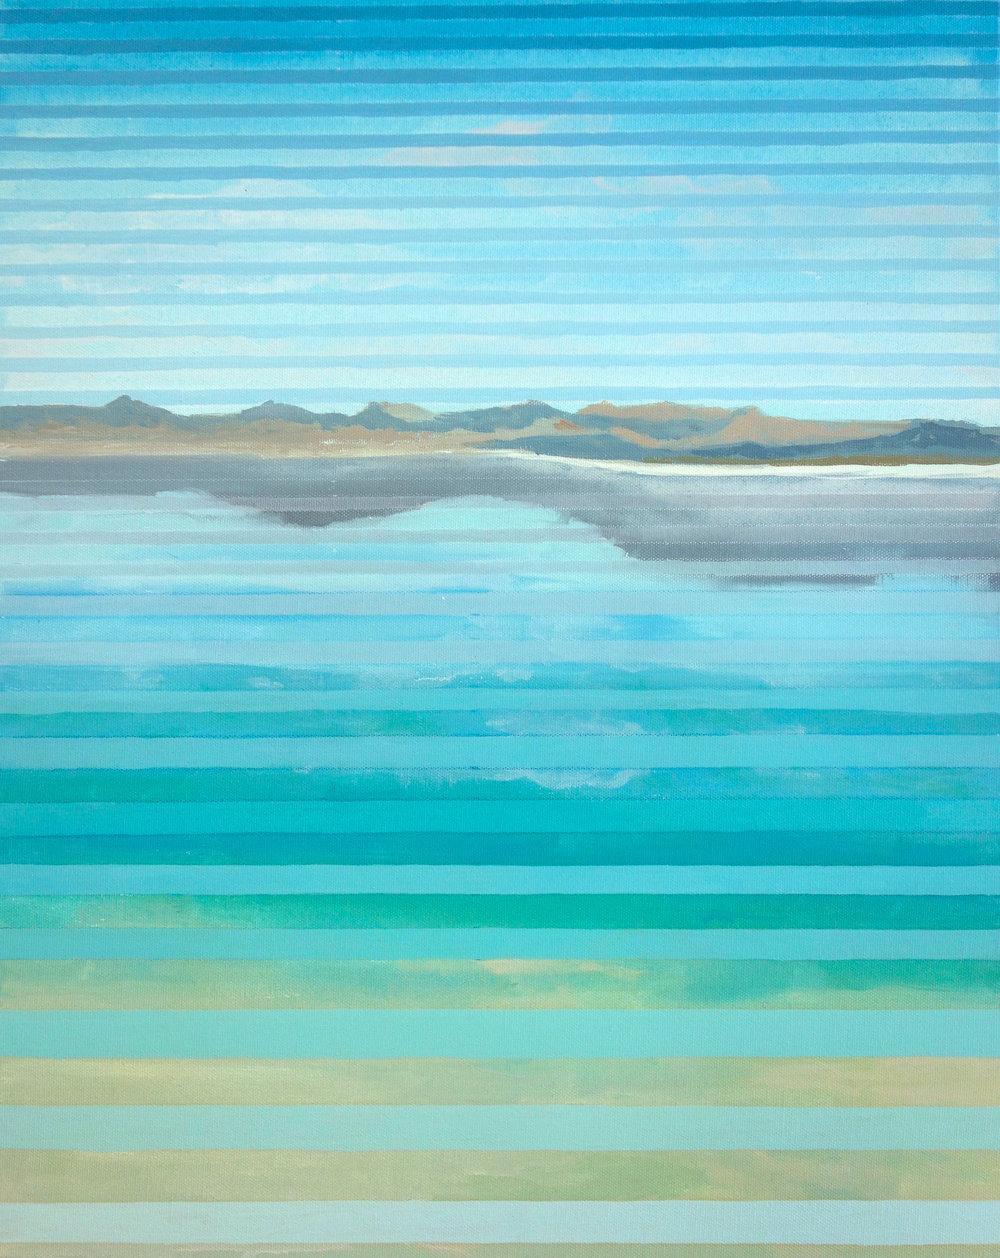 """Paoha Island Study, 2016. Oil and Acrylic on Canvas. 20""""x16"""" (51x41cm)"""